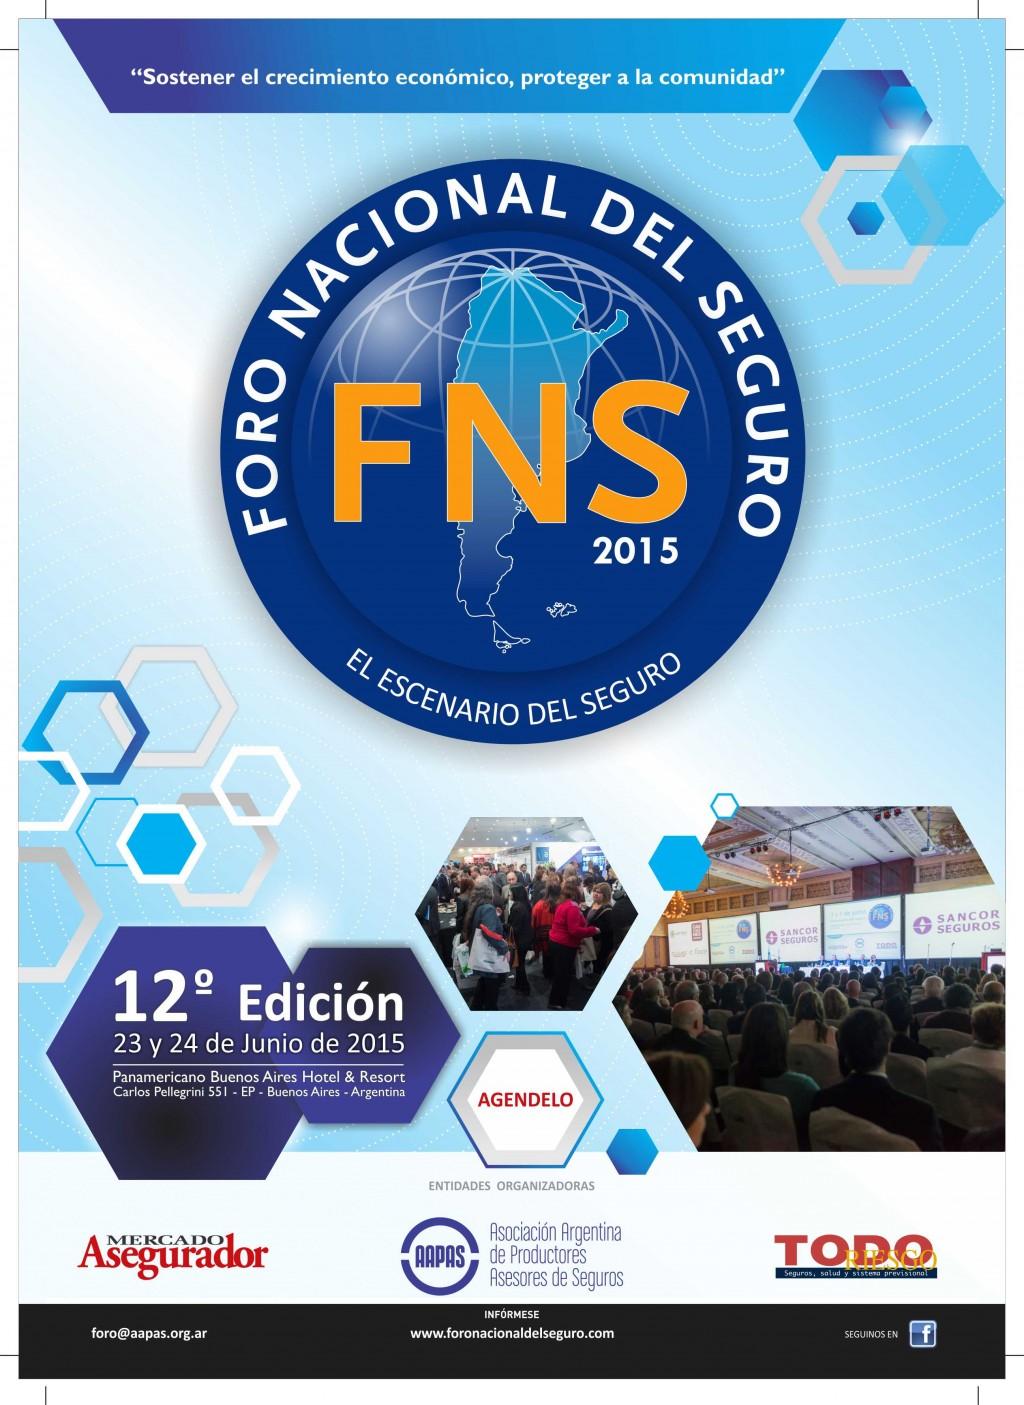 Foro Nacional del Seguro 2015